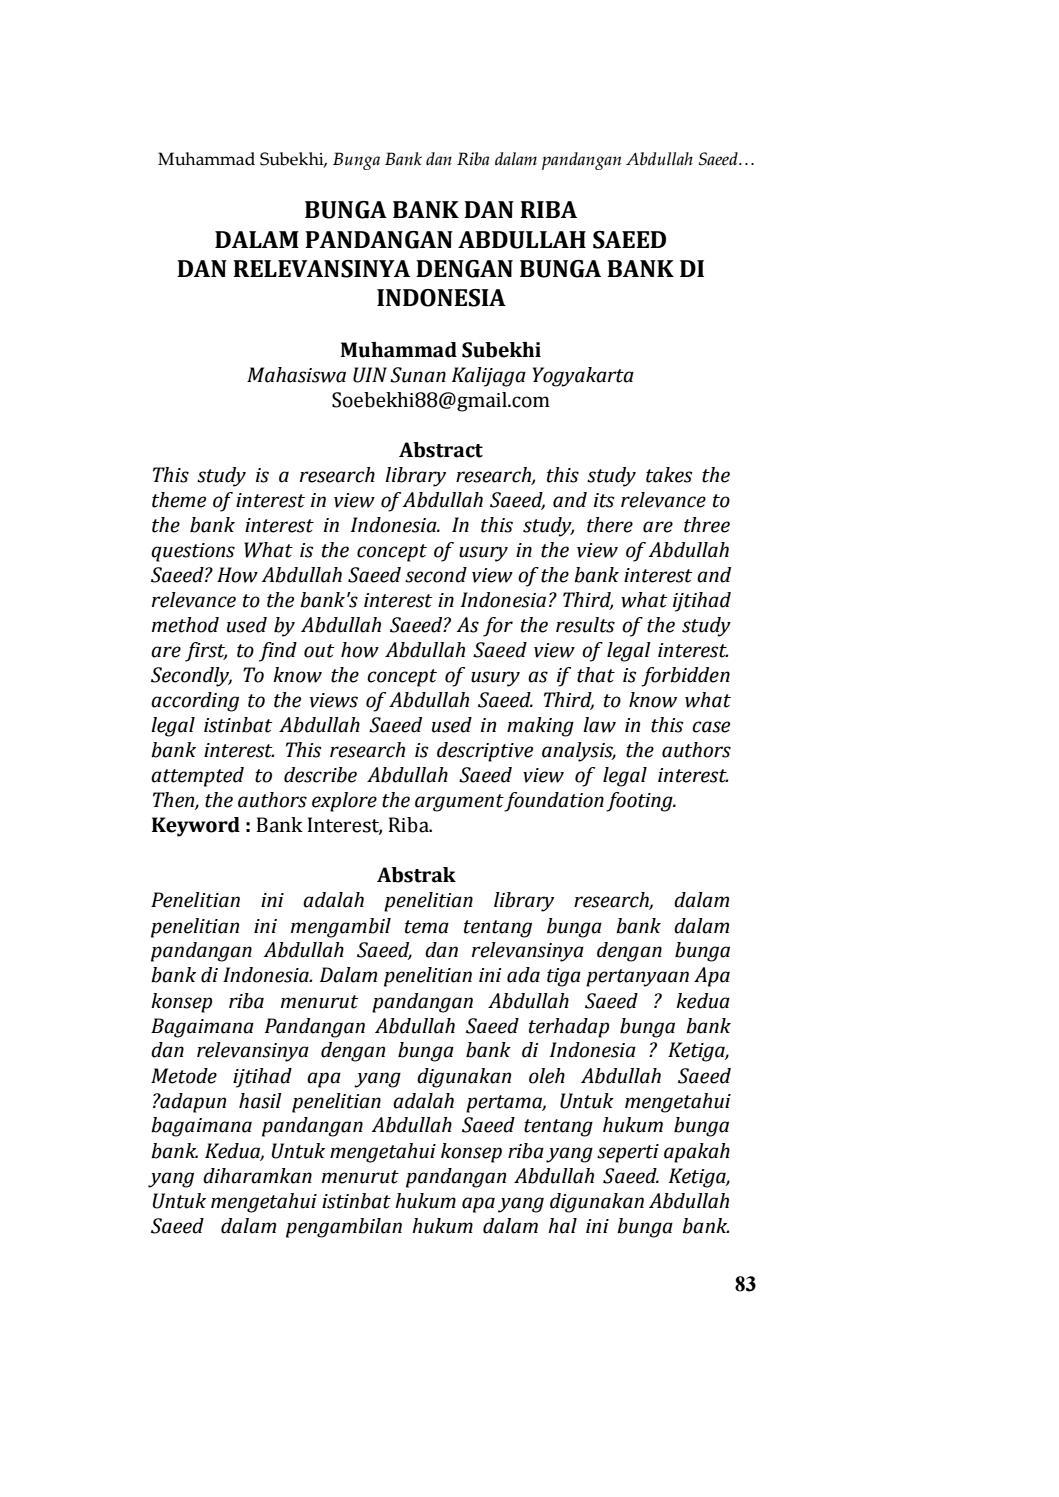 Bunga Bank Dan Riba Dalam Pandangan Abdullah Saeed Dan Relevansinya Dengan Bunga Bank Di Indonesia By Qolamuna Jurnal Studi Islam Issuu